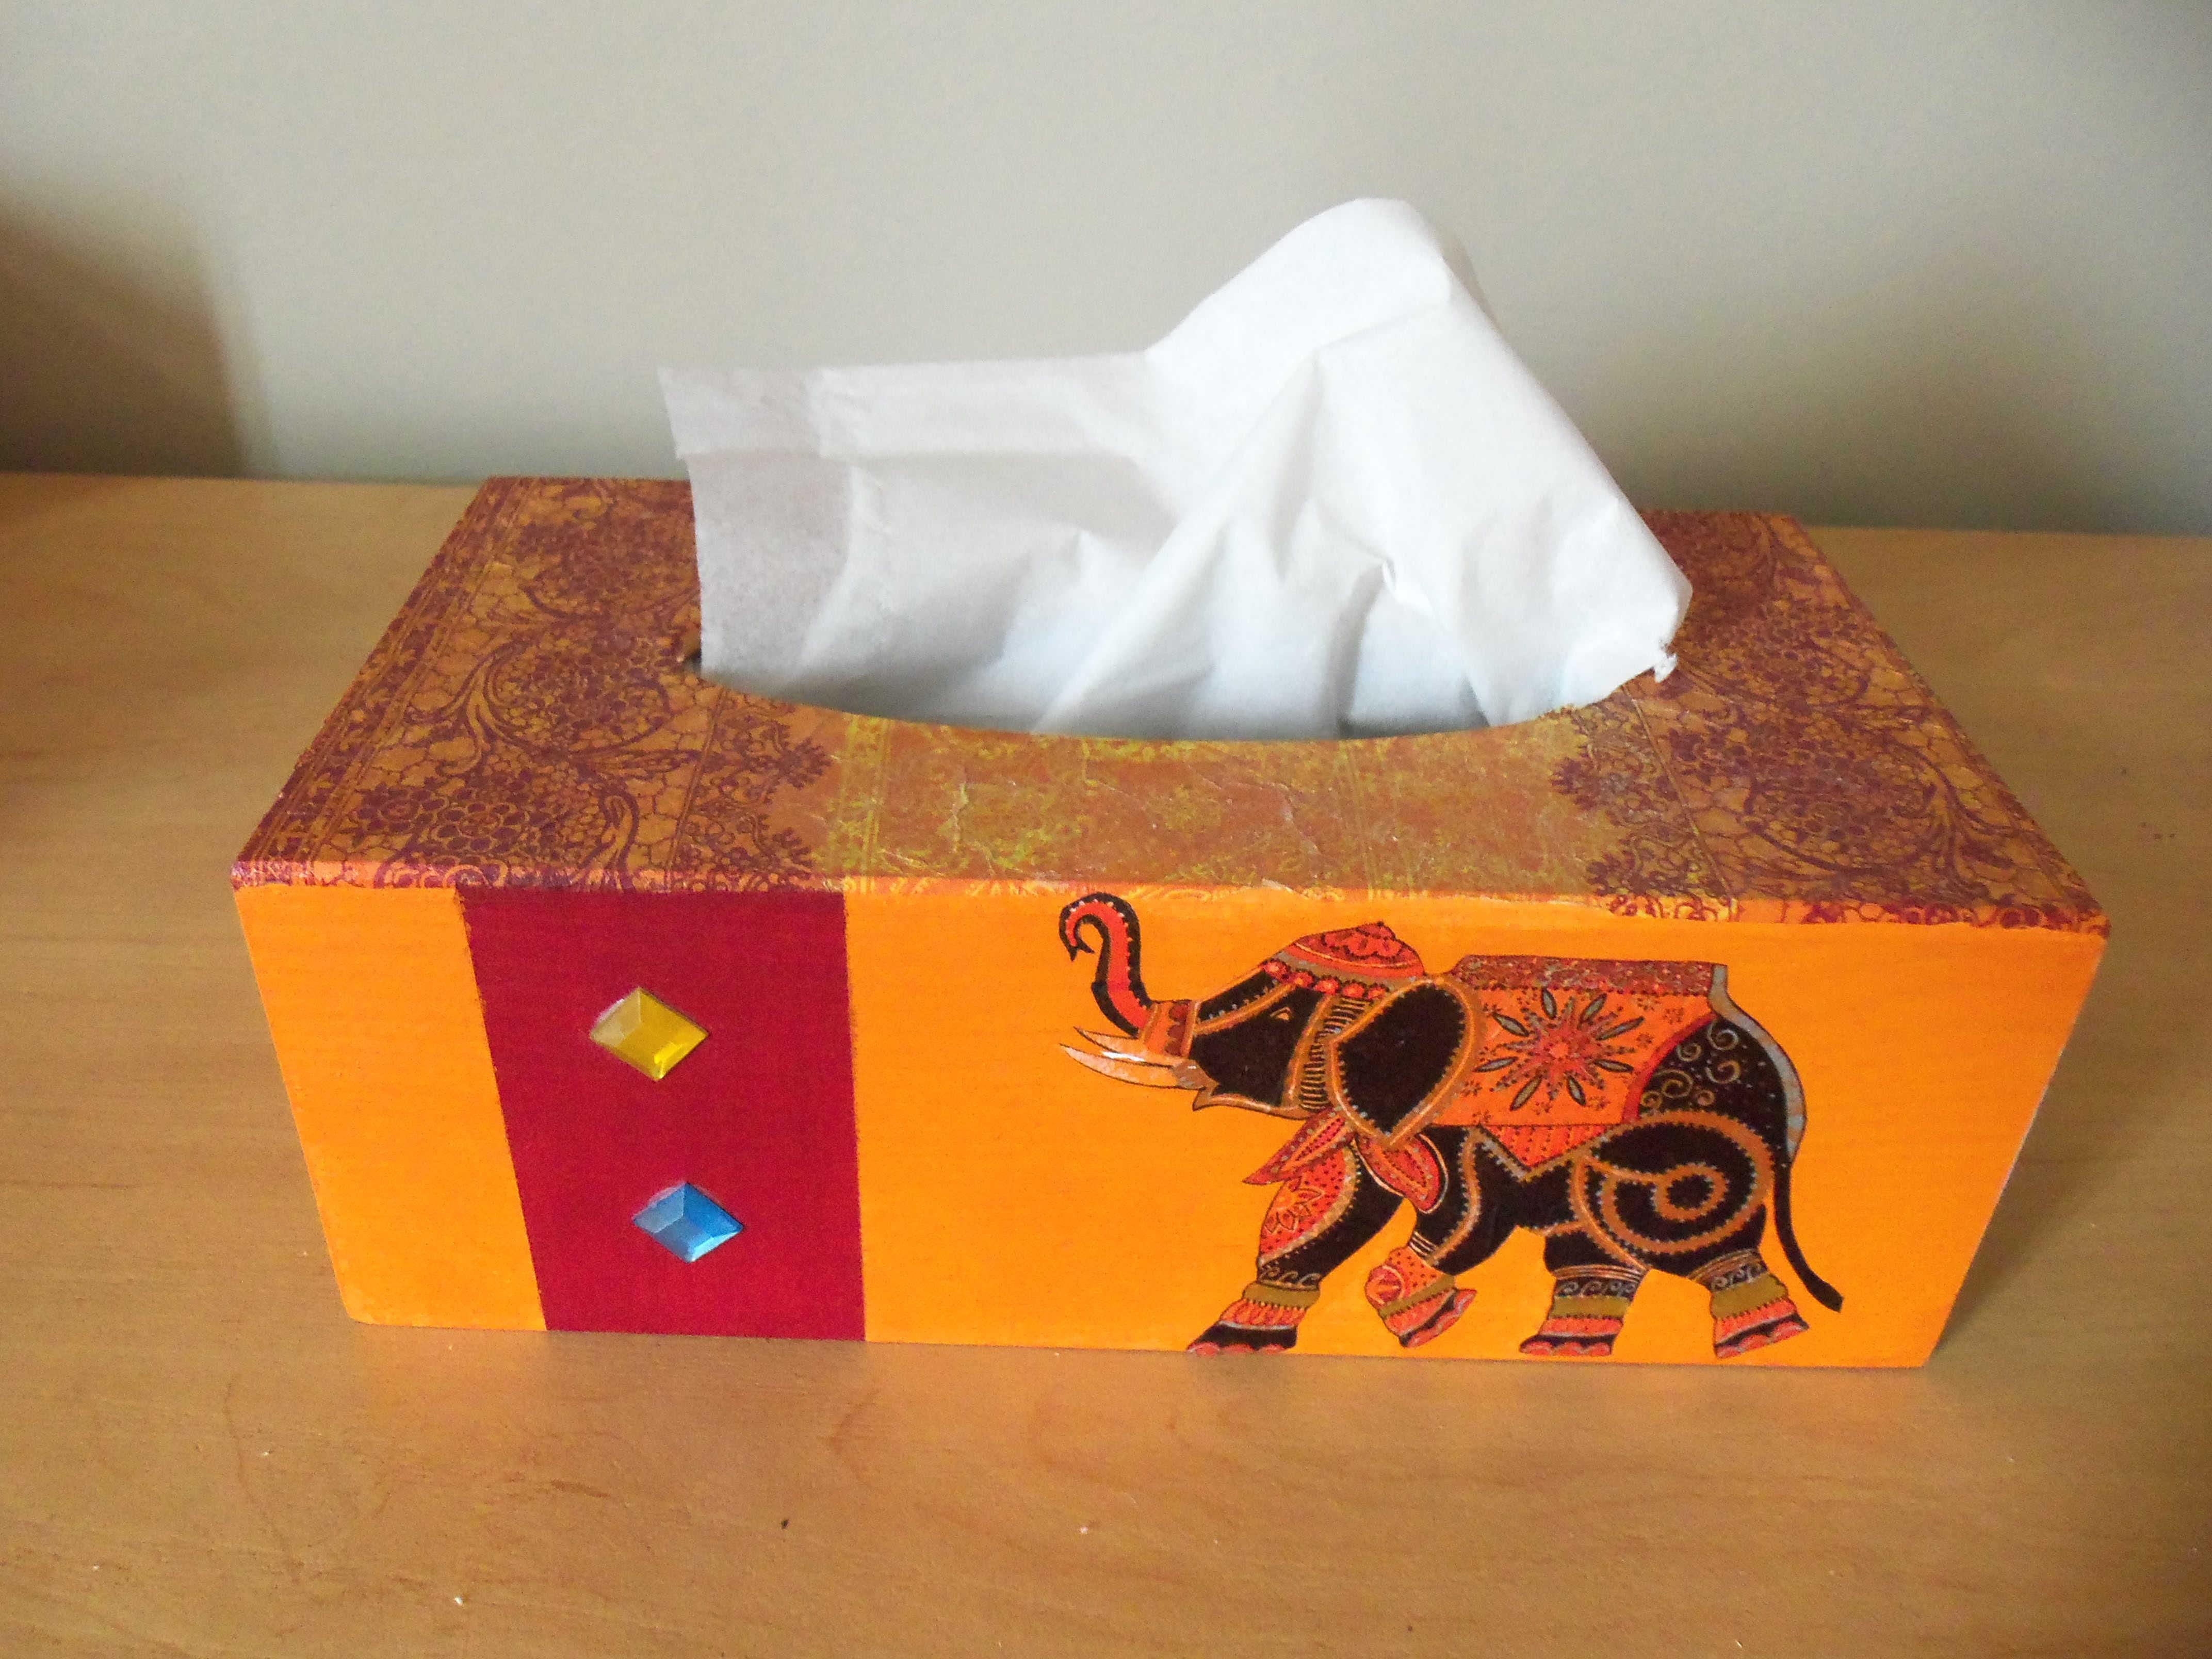 produit chaud beau lustre sélection spéciale de Les boites à mouchoirs et serviettage - Deco2sev